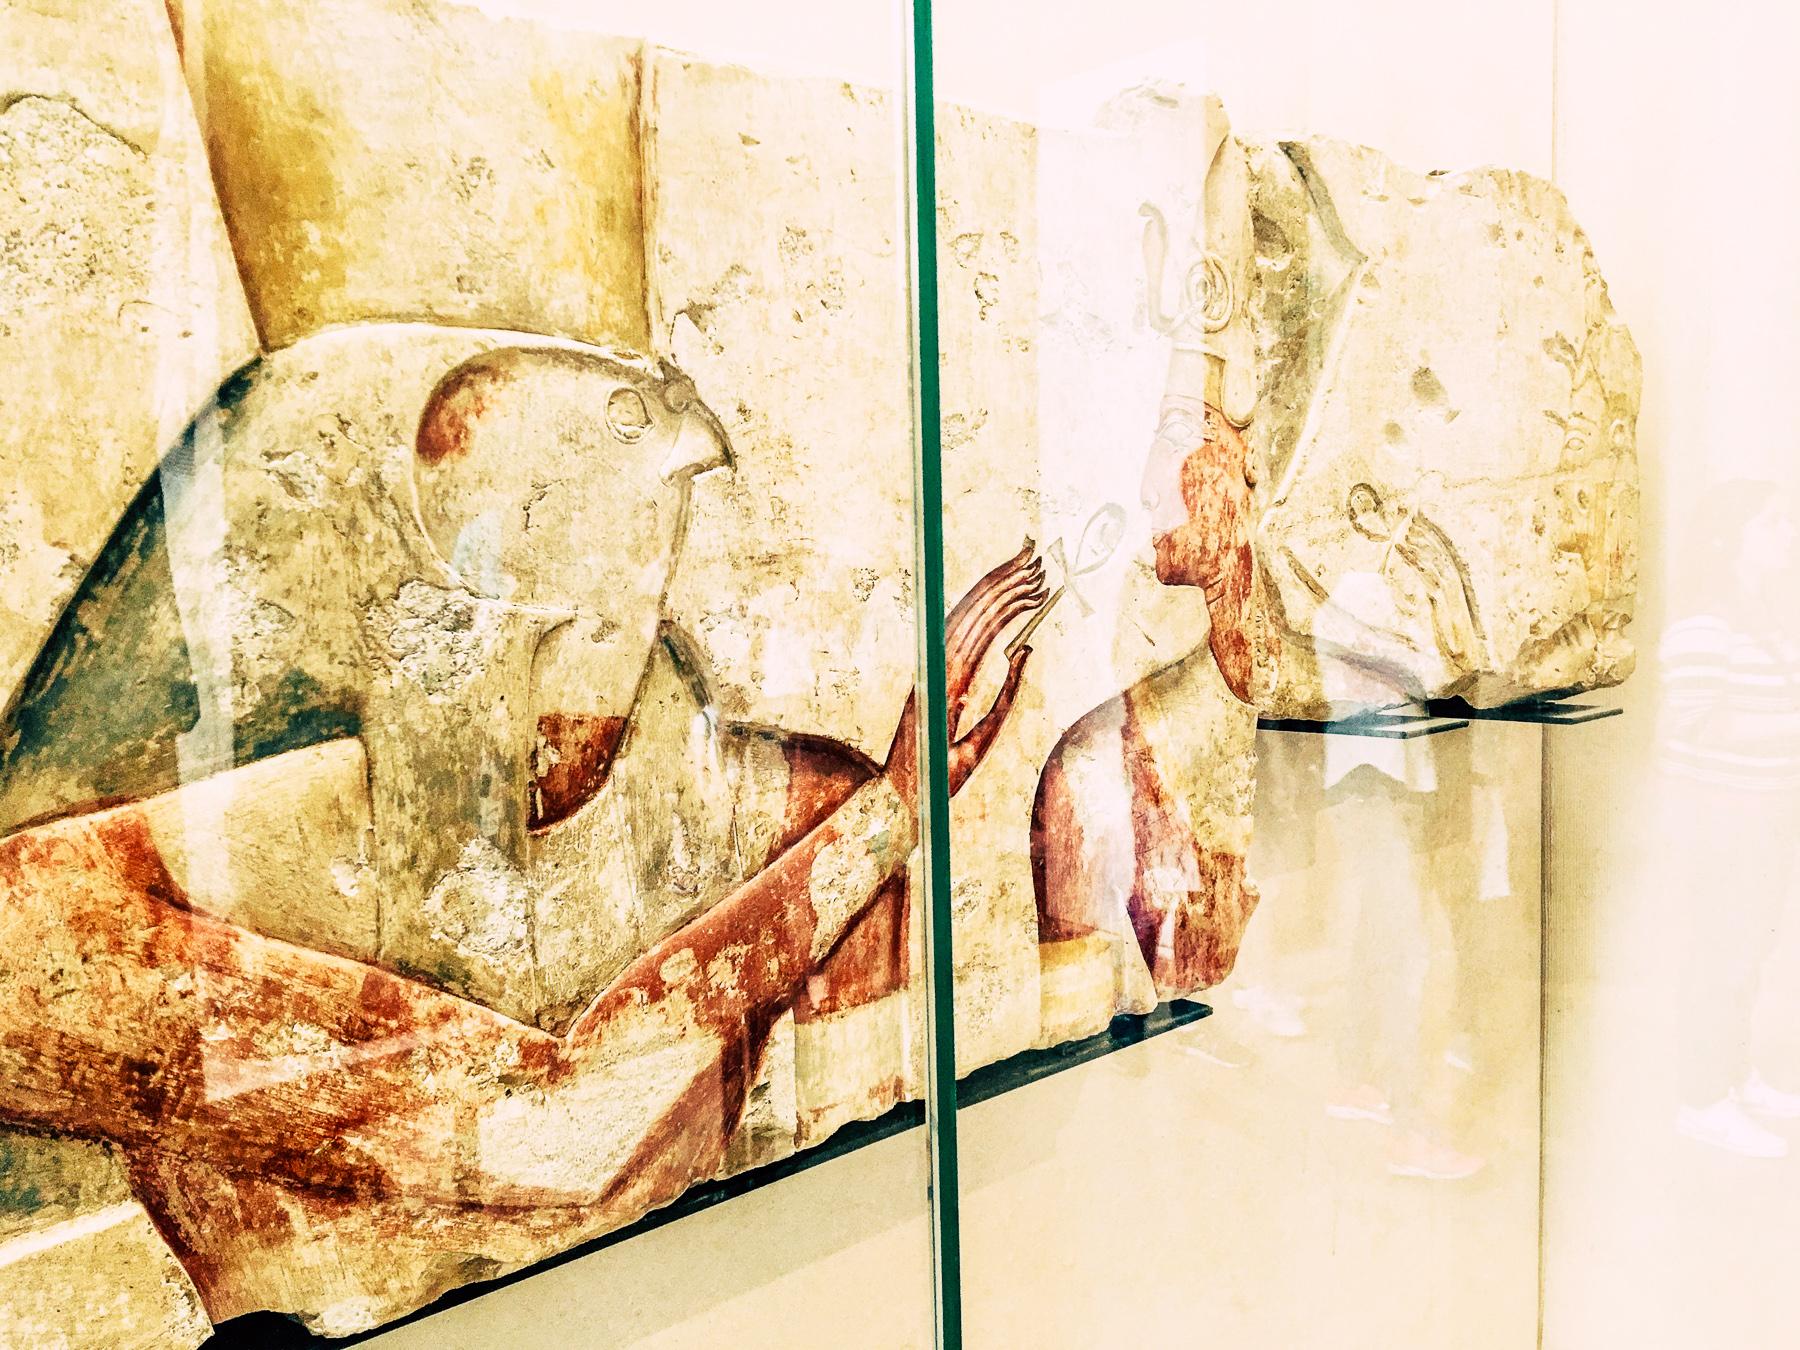 Horus and Osiris